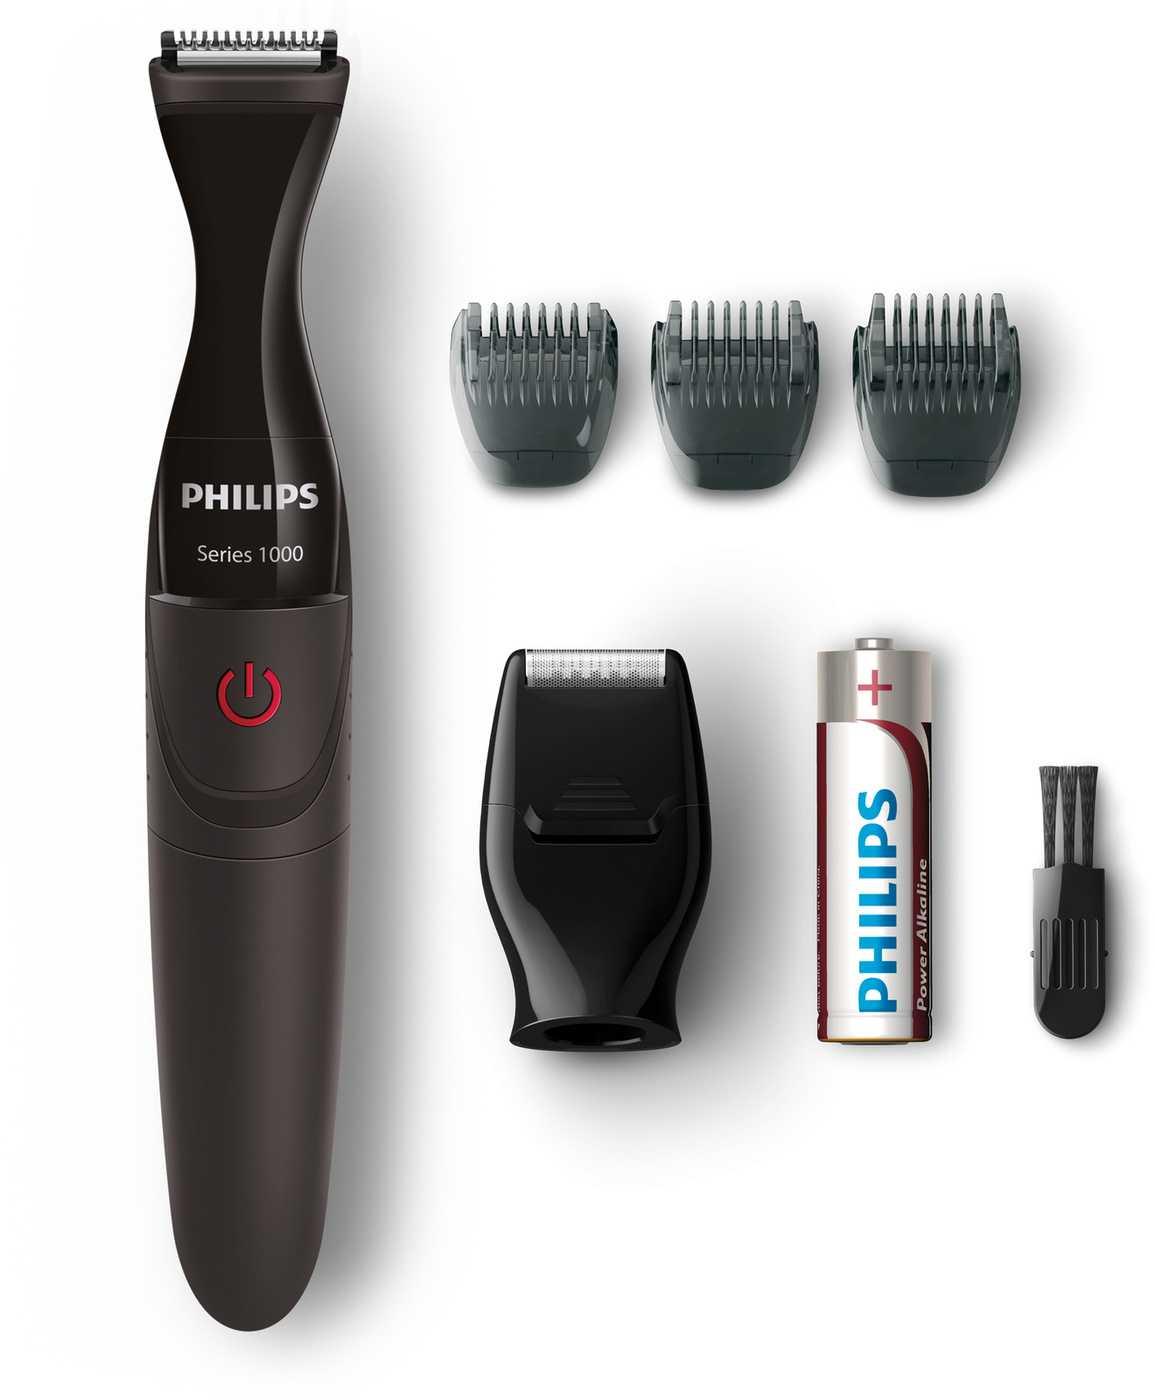 Купить триммер Philips MG1100/16, черный по низкой цене: отзывы, фото, характеристики в интернет-магазине Ozon